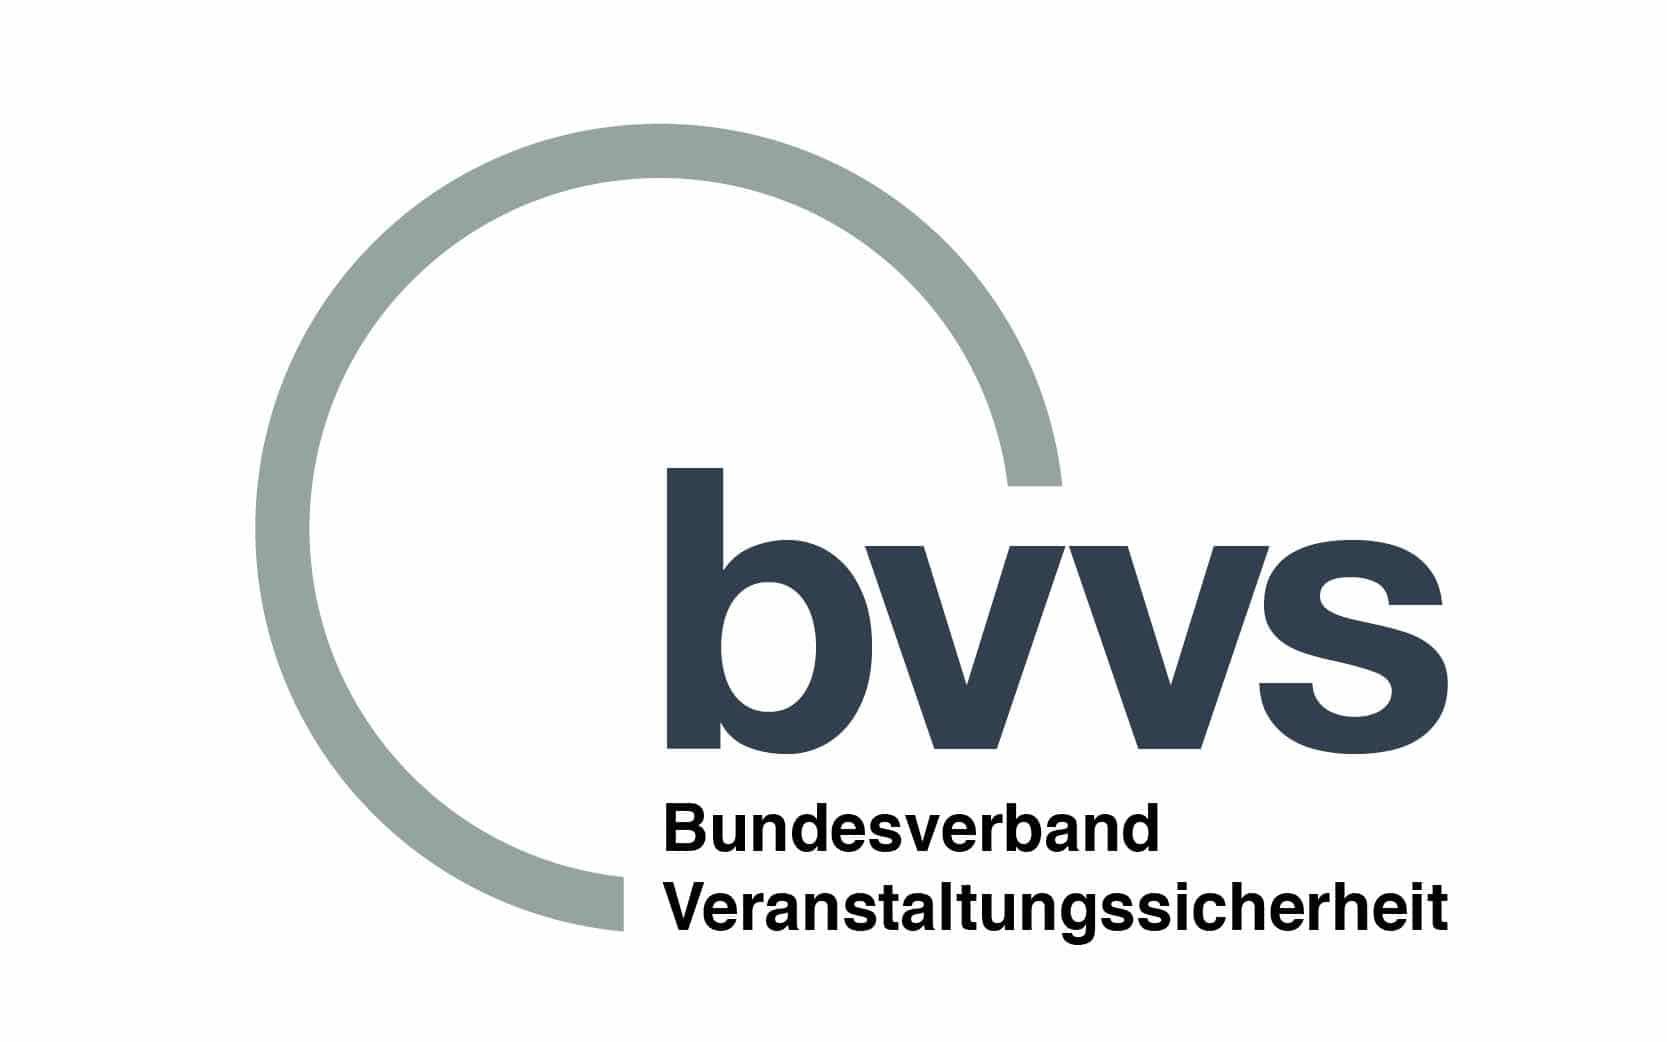 Bundesverband Veranstaltungssicherheit (bvvs) wählt neuen Vorstand